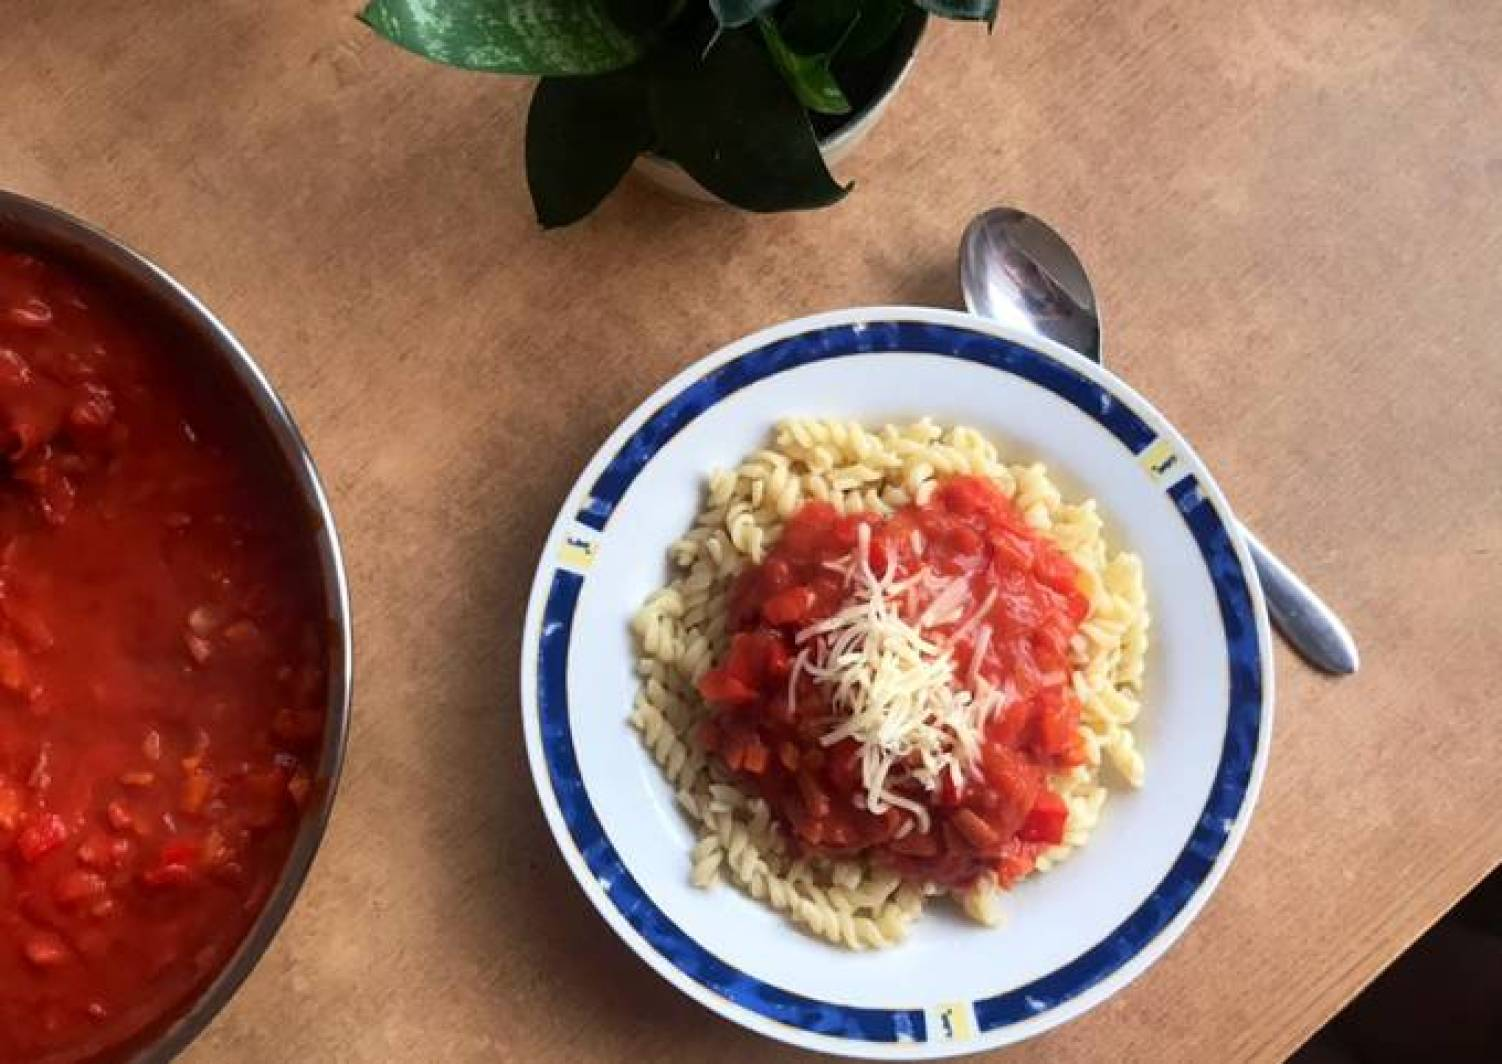 Studentenversion: Nudeln mit Tomatensoße